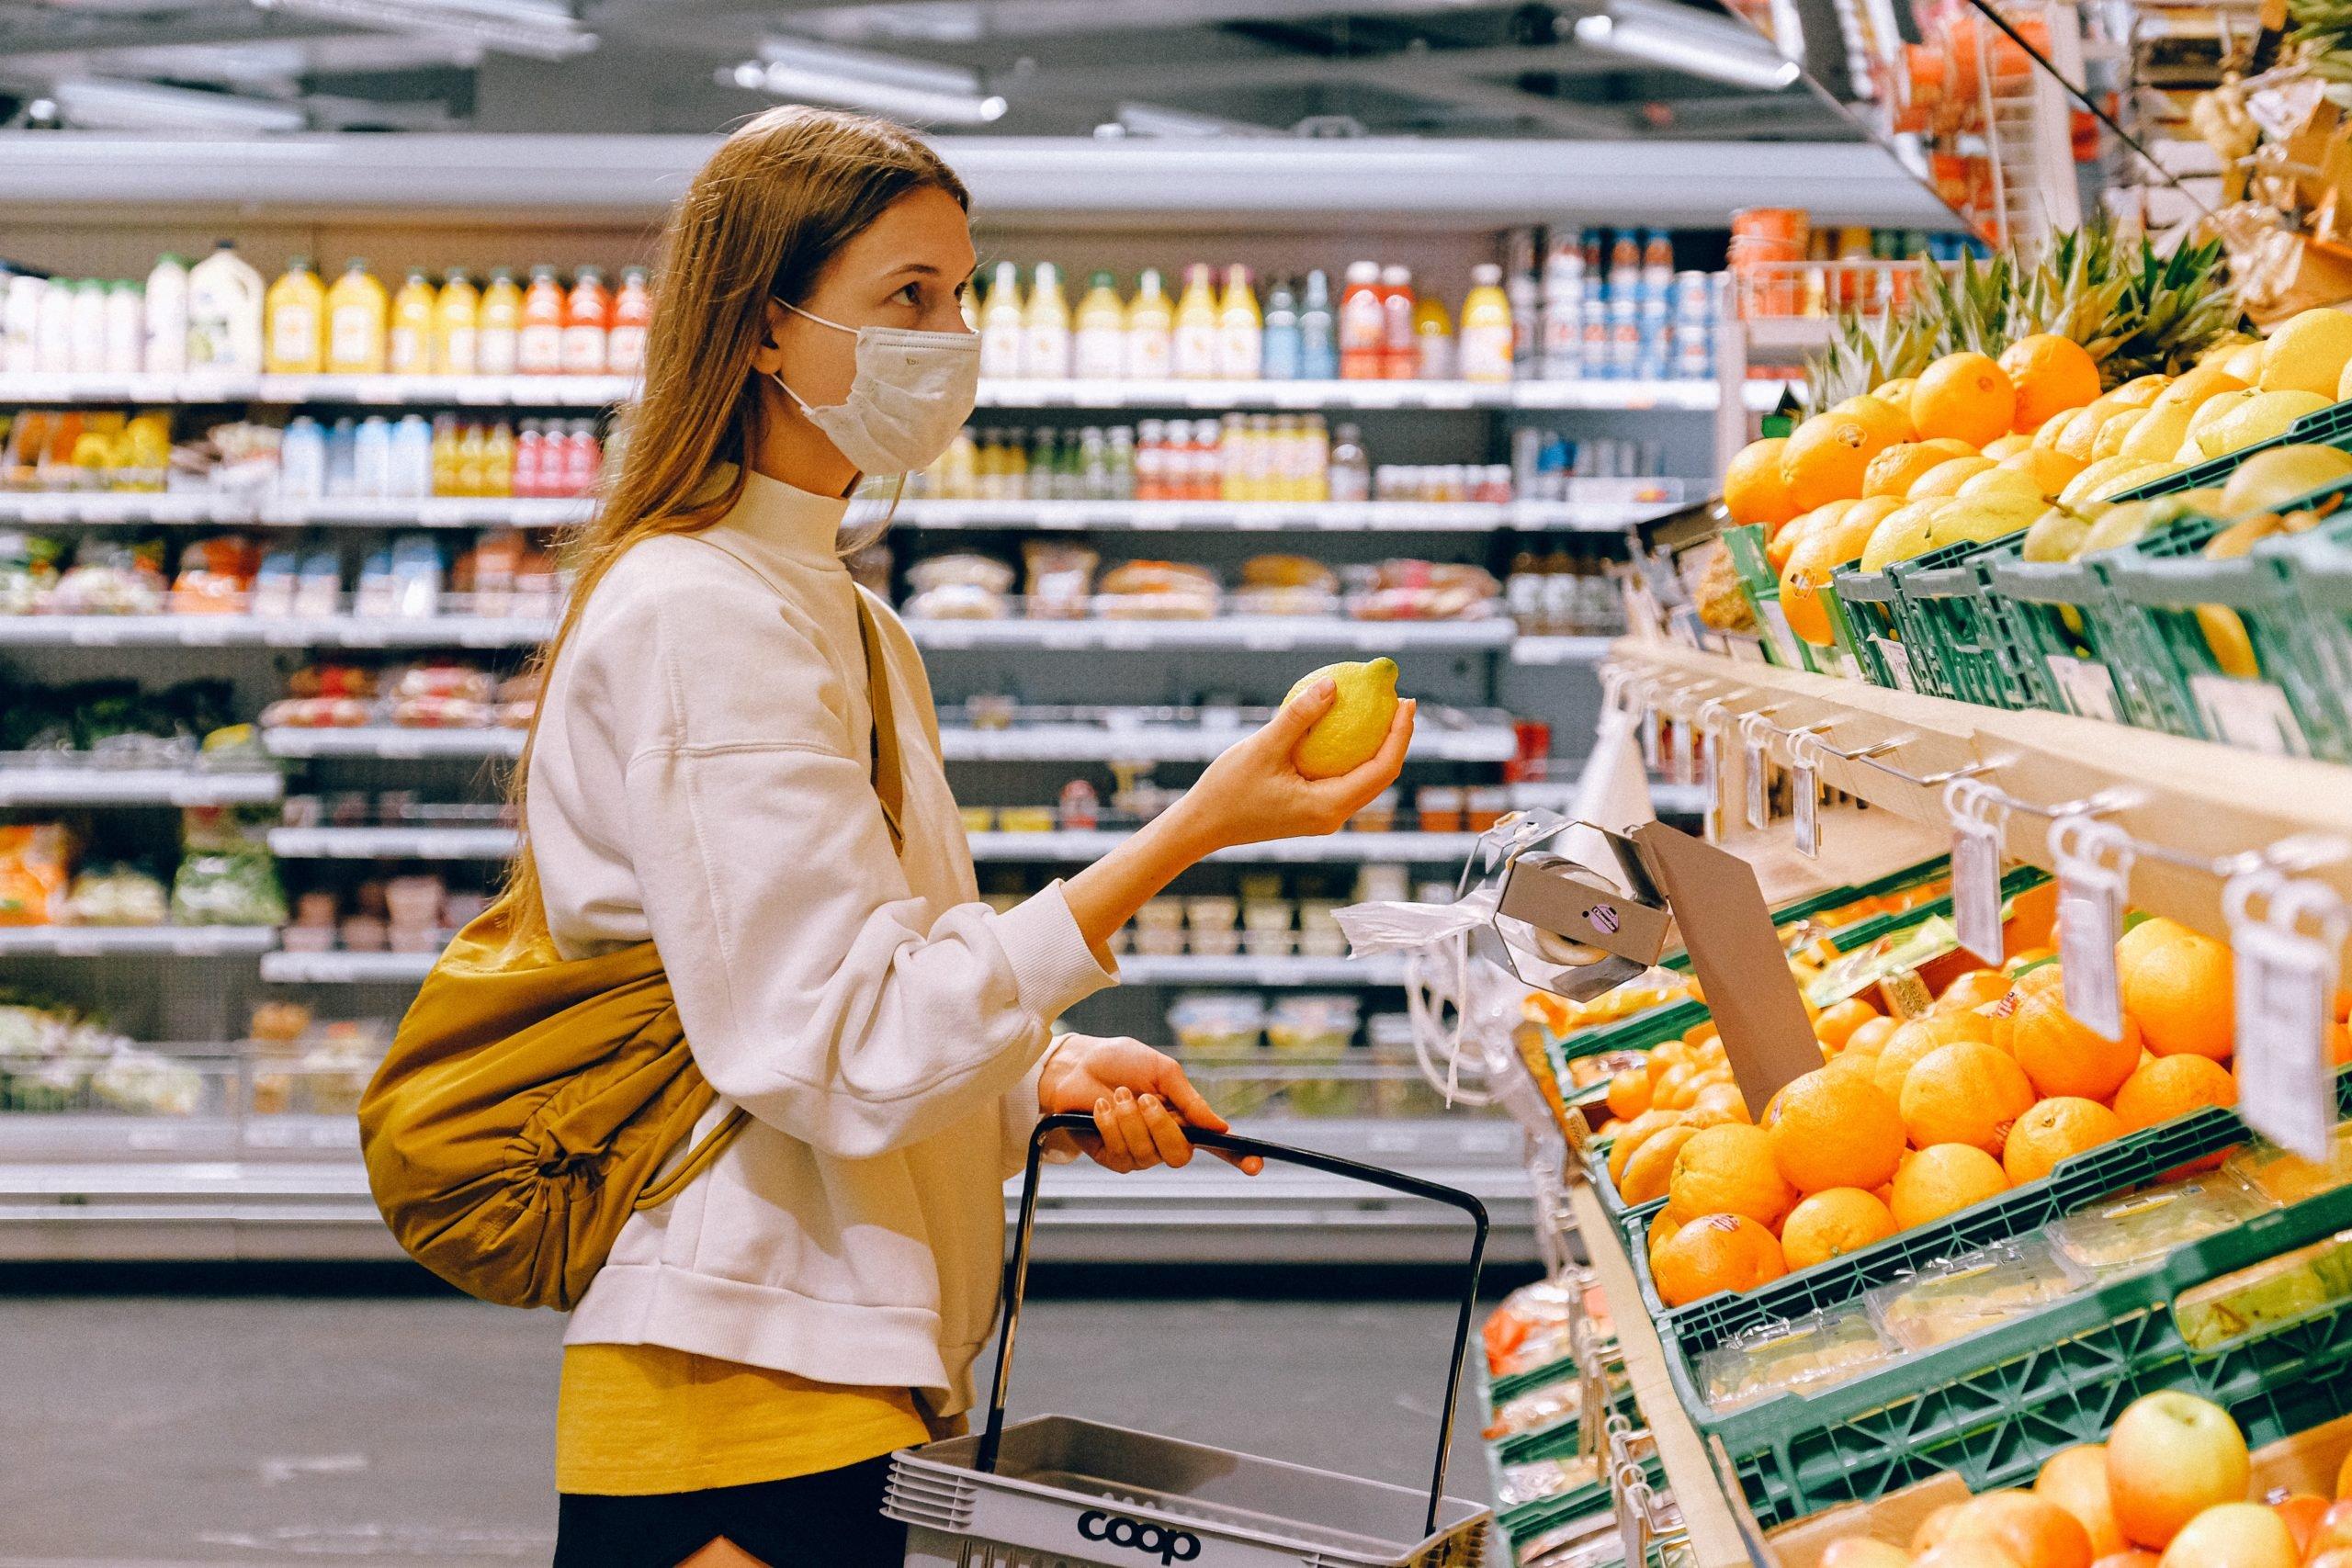 Jak pandemia zmieniła nawyki zakupowe konsumentów?